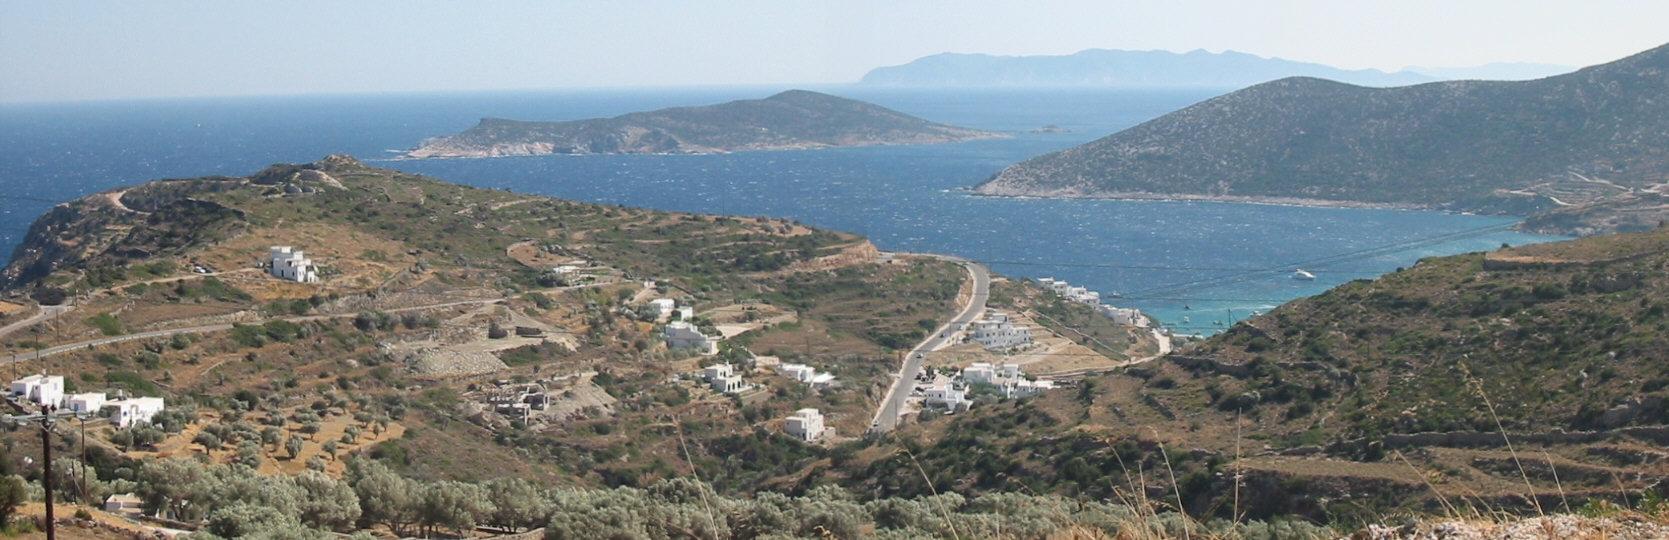 Sifnos Südosten Bucht Blick auf Milos im Hintergrund